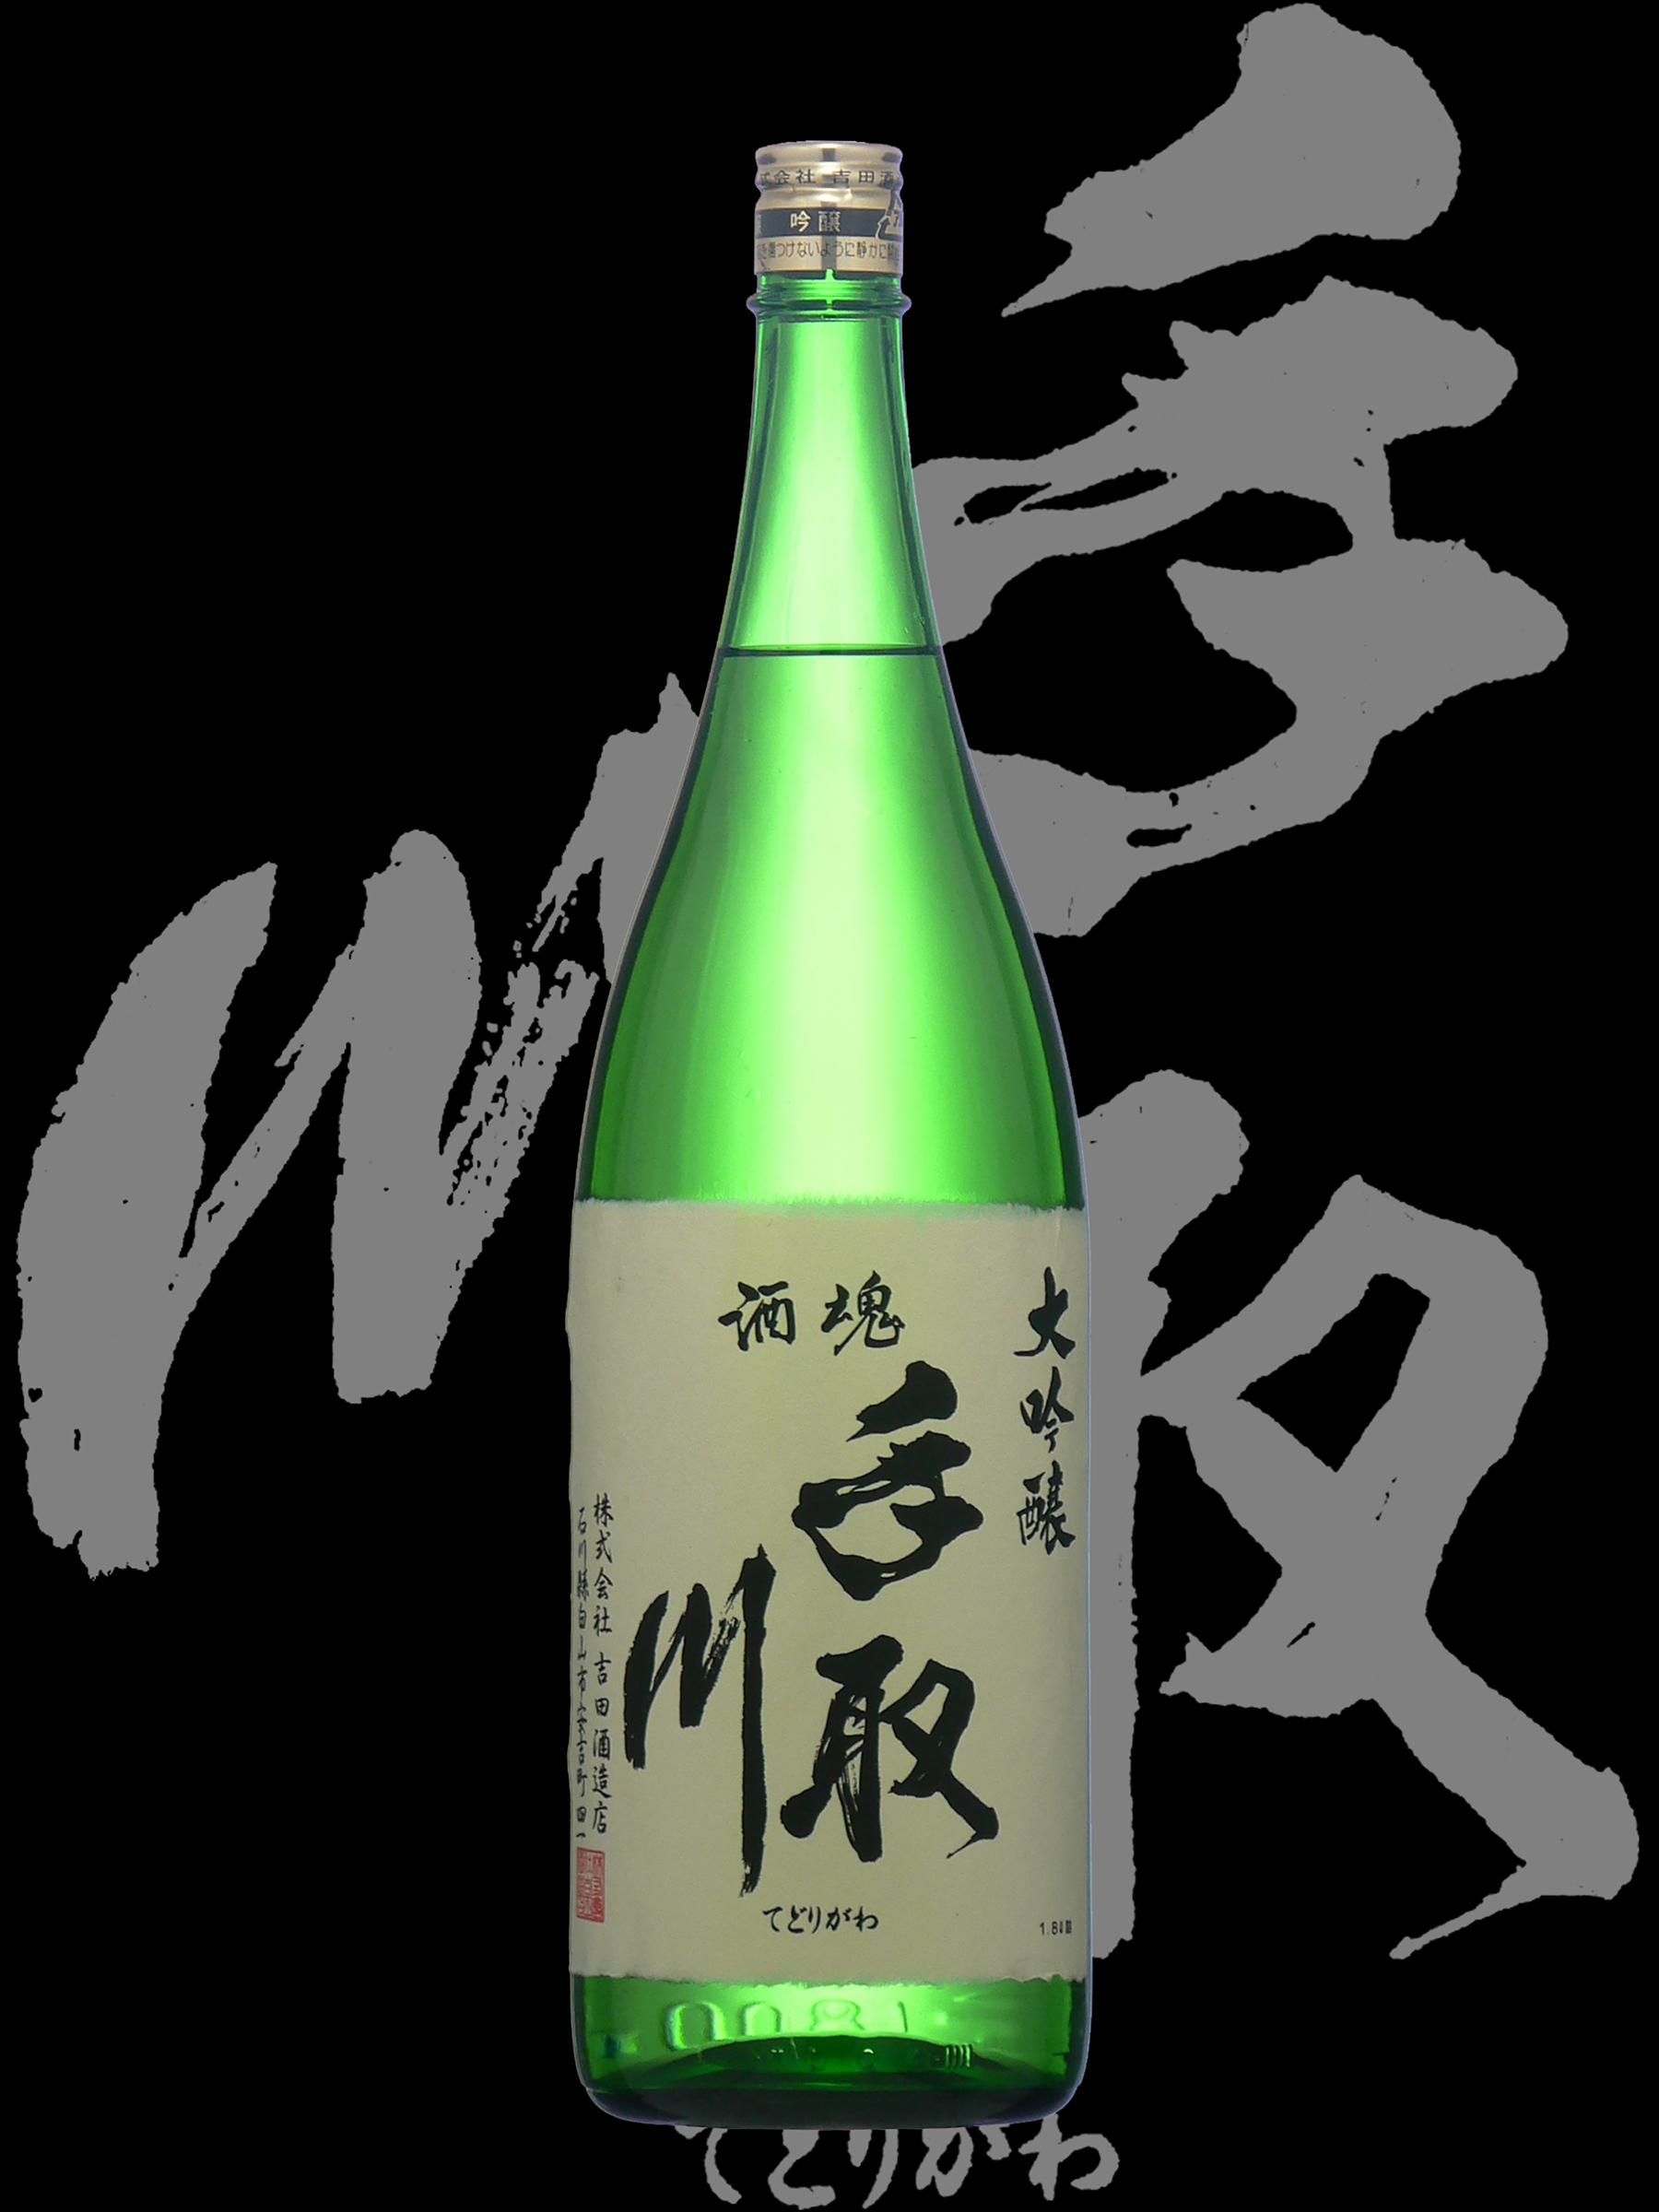 手取川(てどりがわ)「大吟醸」あらばしり生H18BY